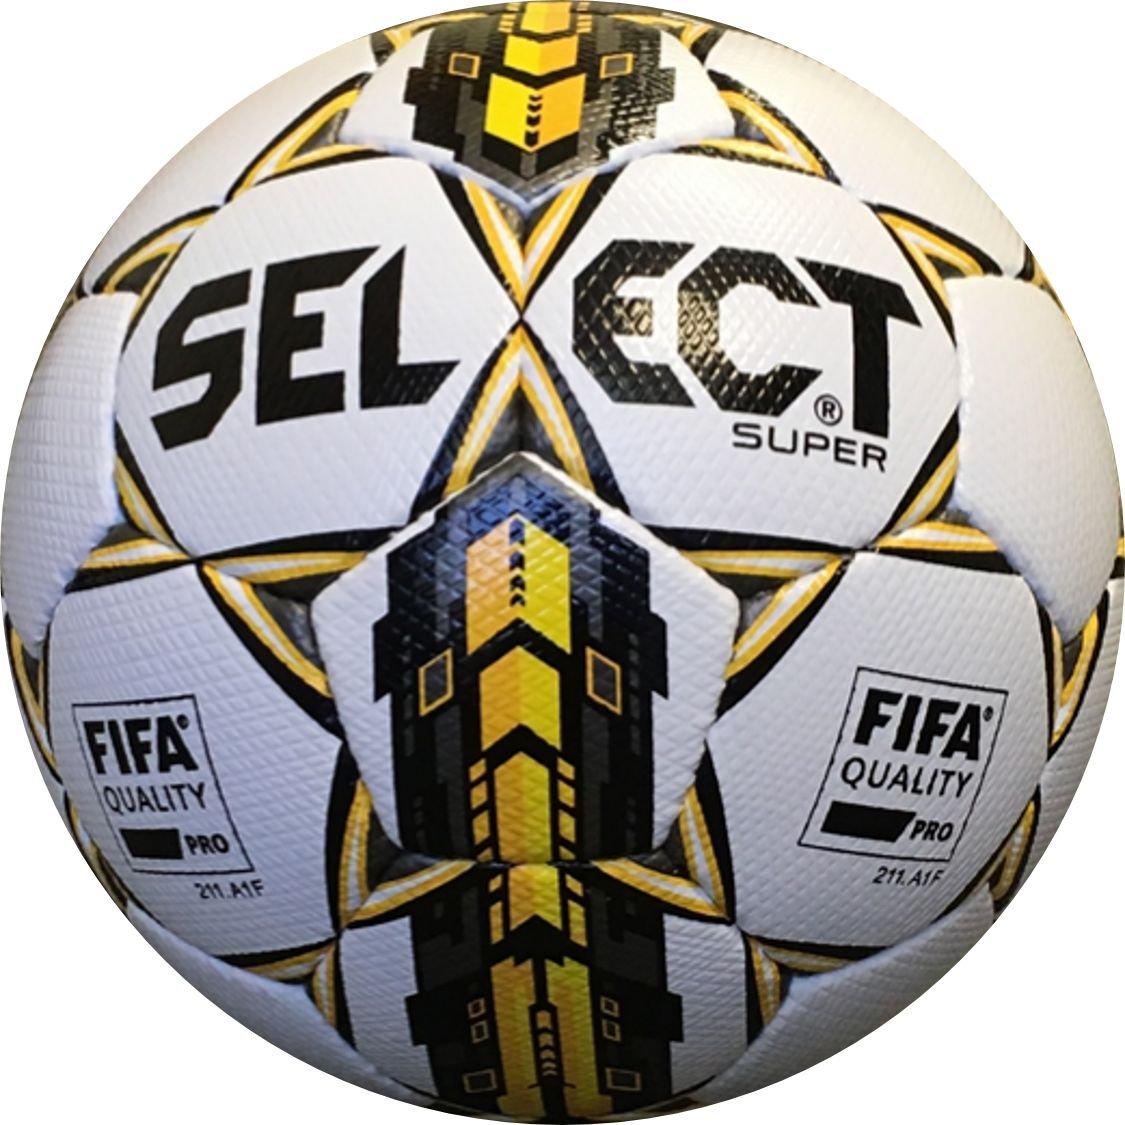 Seleccione Super FIFA balón de fútbol, tamaño 5, Color Blanco ...